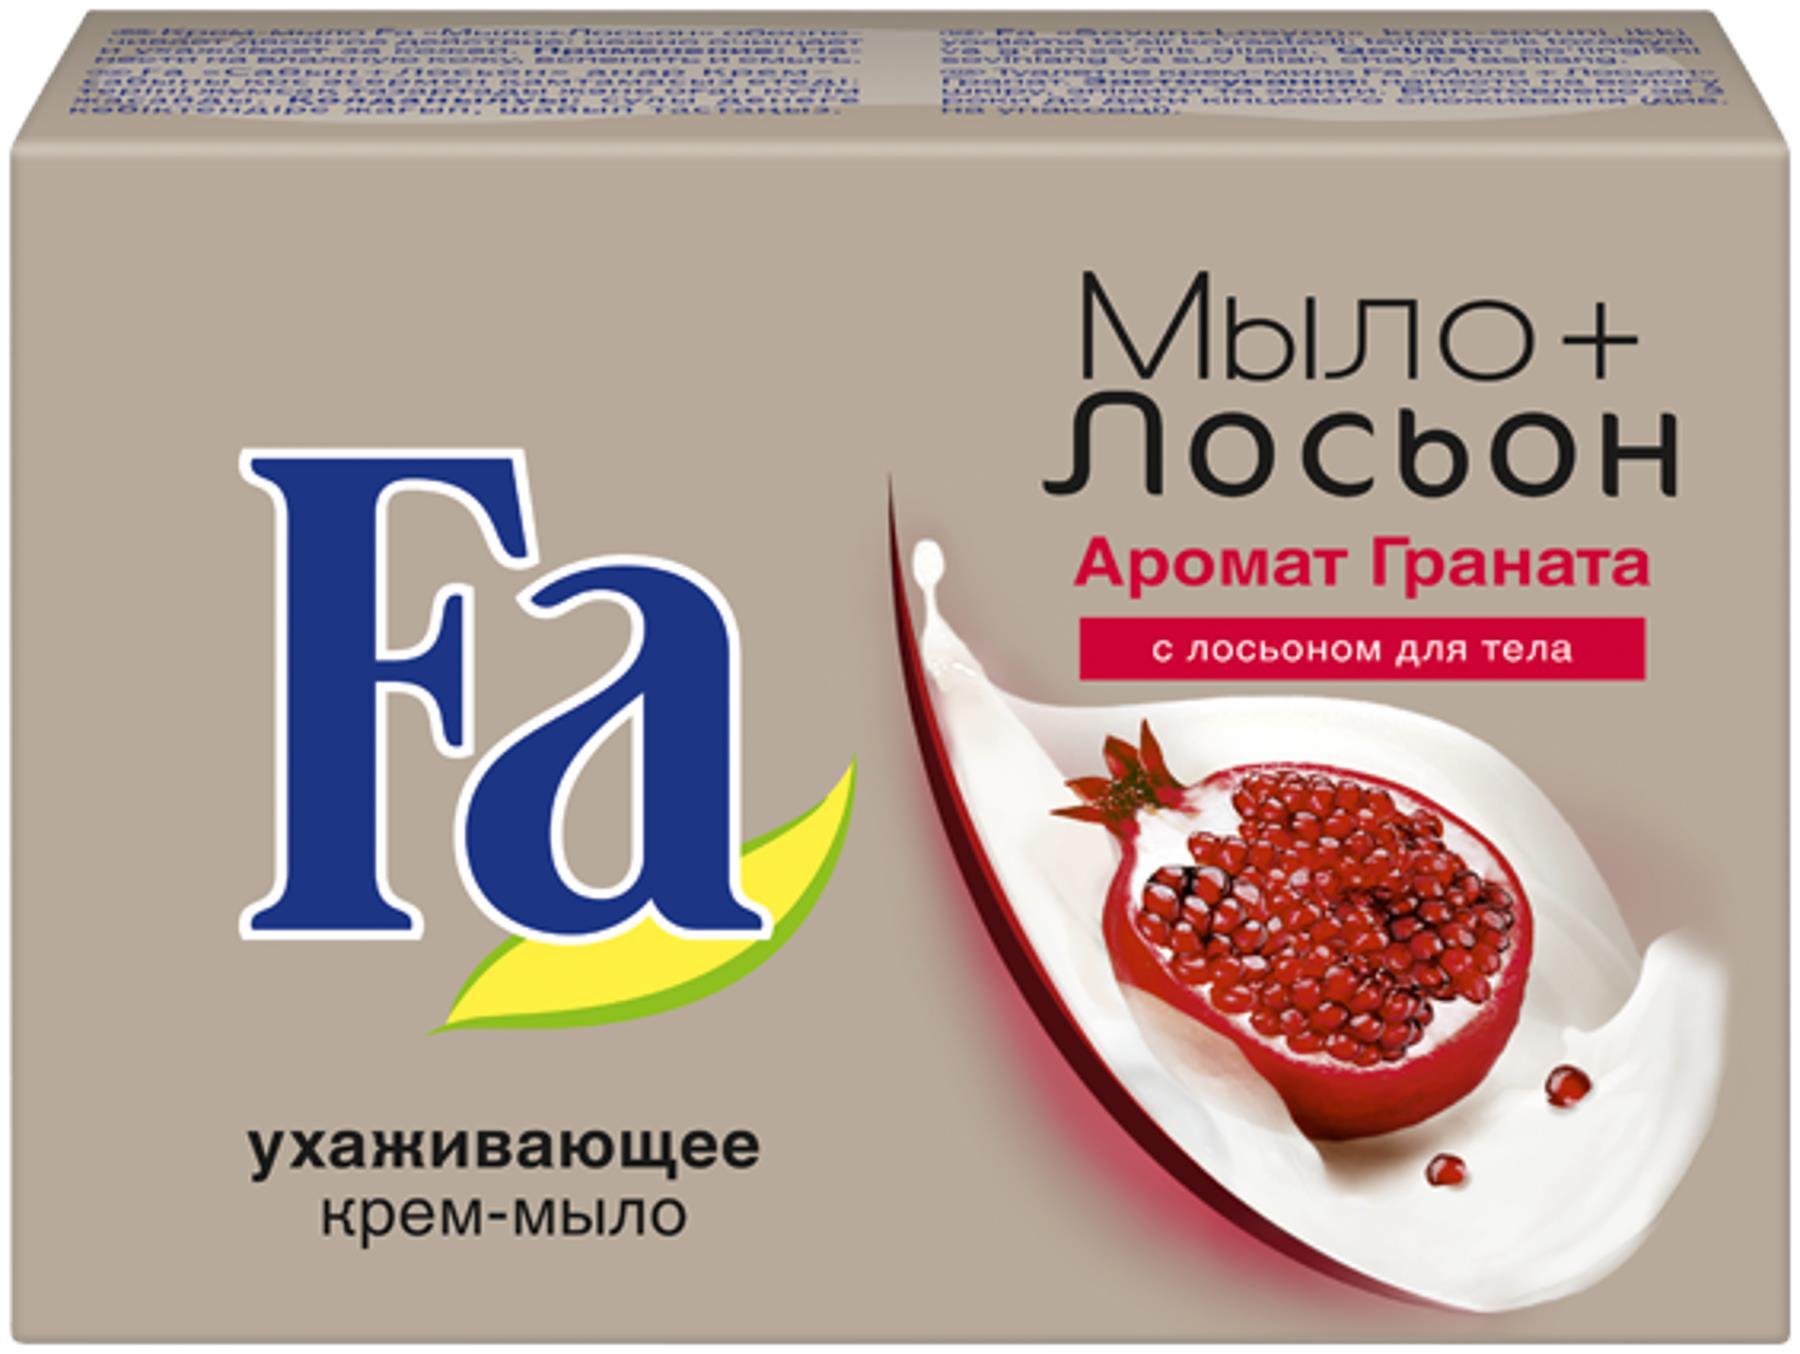 Fa Мыло Кусковое Мыло+лосьон гранат, 90 г